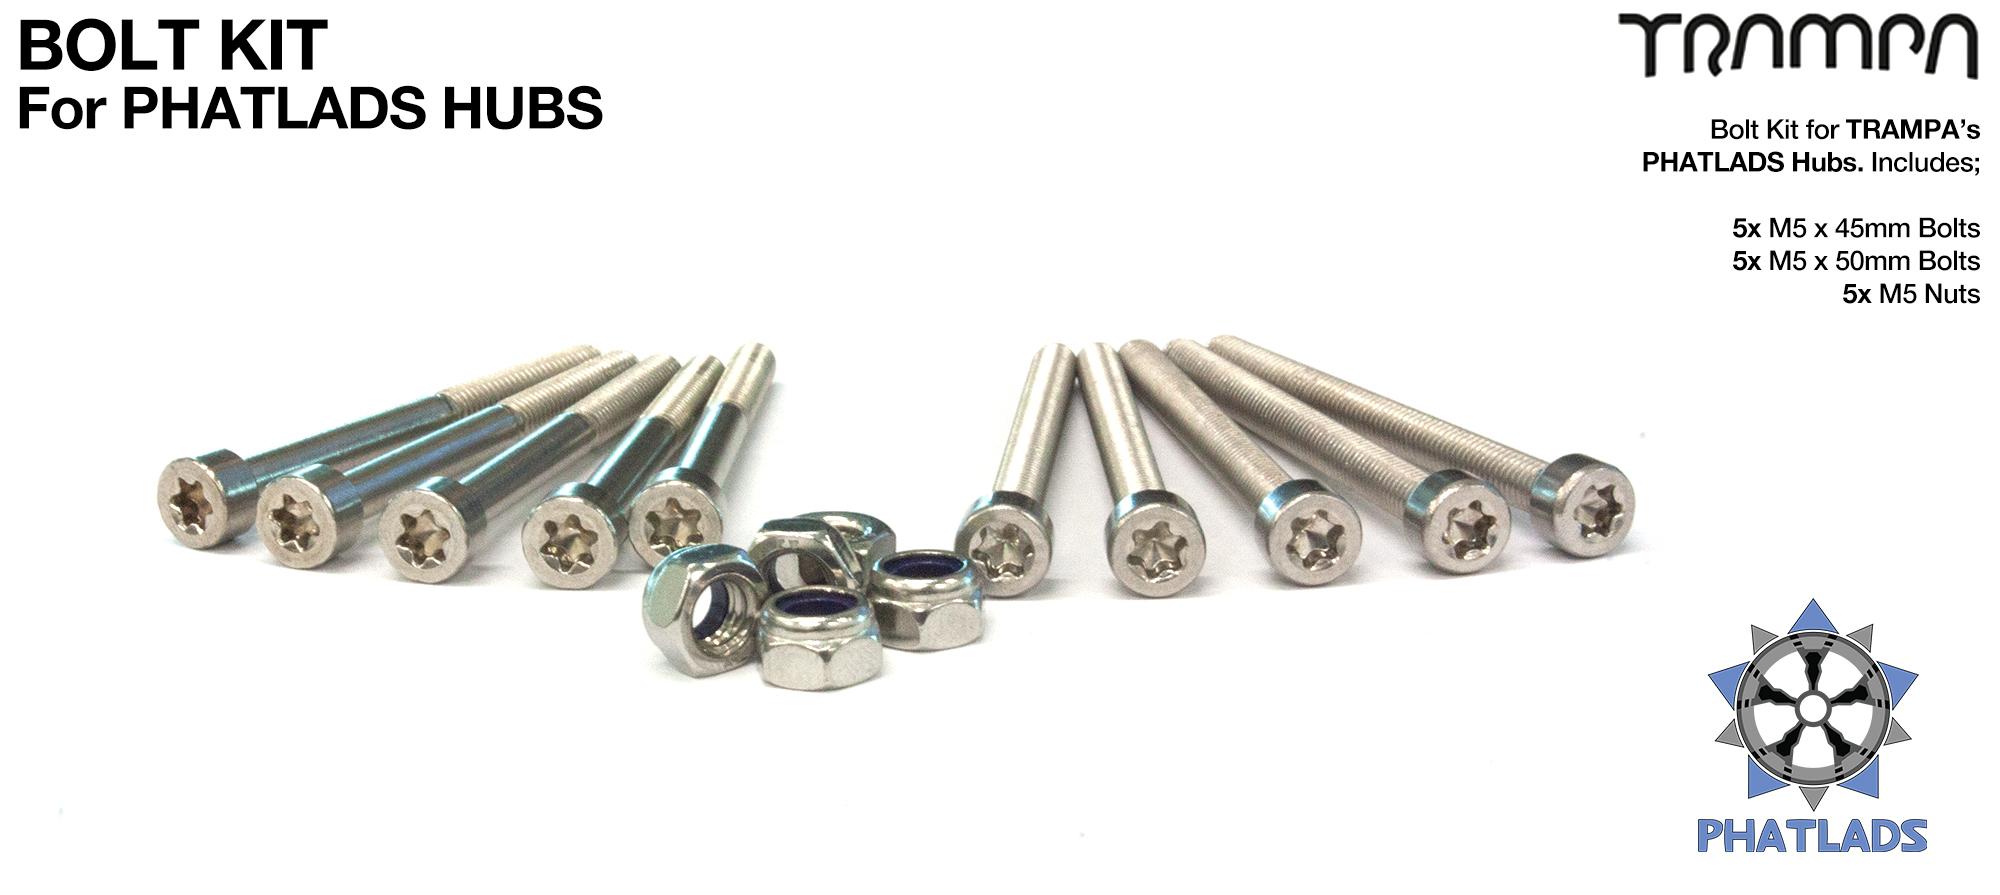 PHATLADS hub complete Marine Grade Stainless Steel Bolt Kit